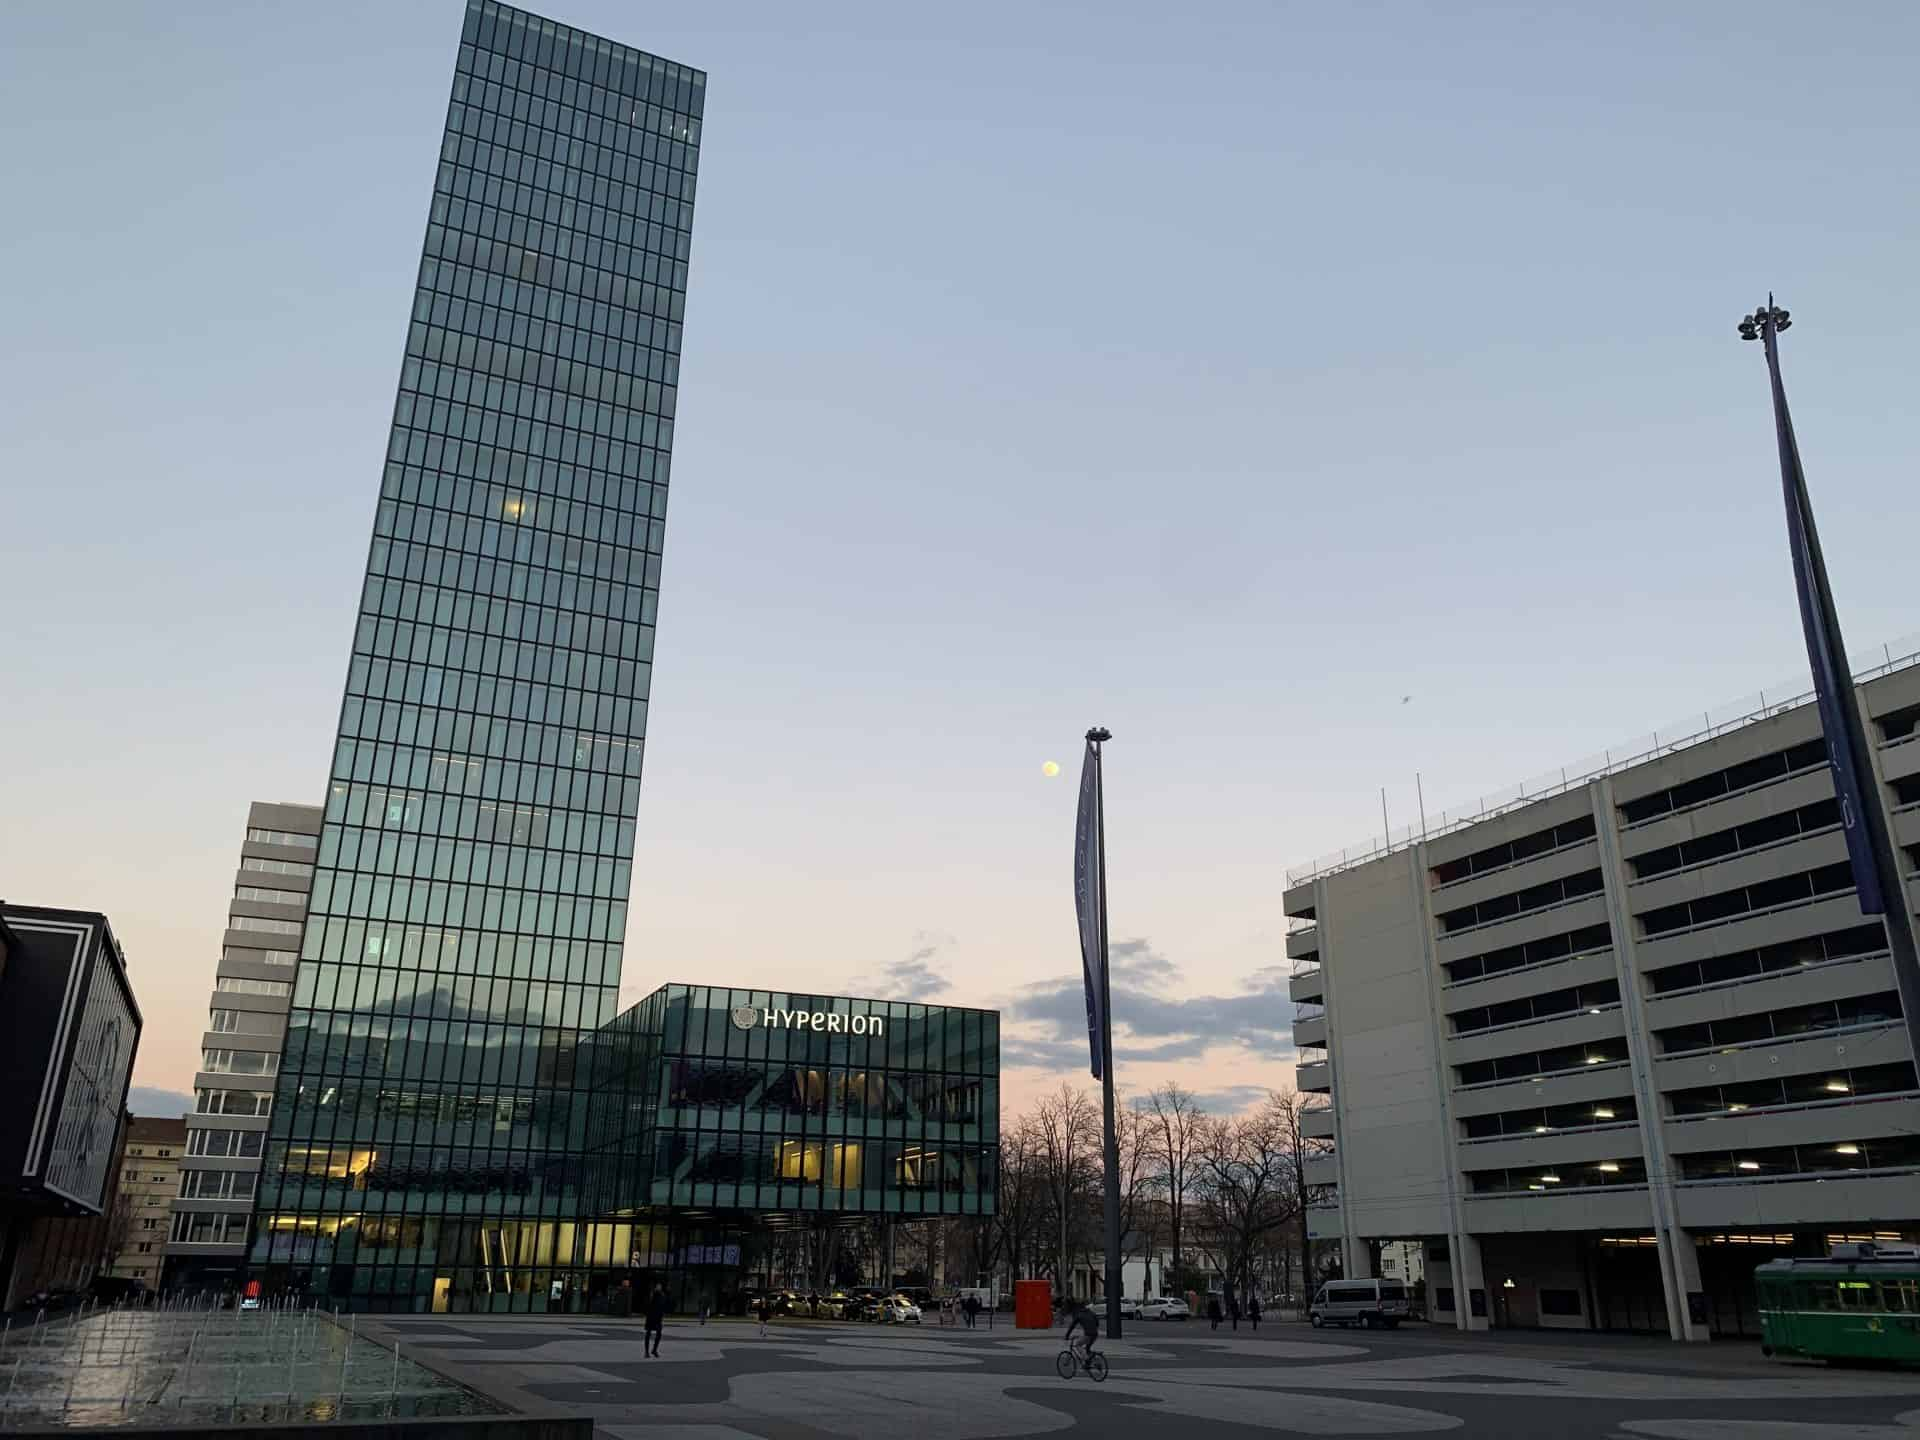 Die Zukunft der Uhrenmesse Basel ist ungewiss. Ob Morgenröte oder bereits Sonnenuntergang steht allerdings noch nicht fest.